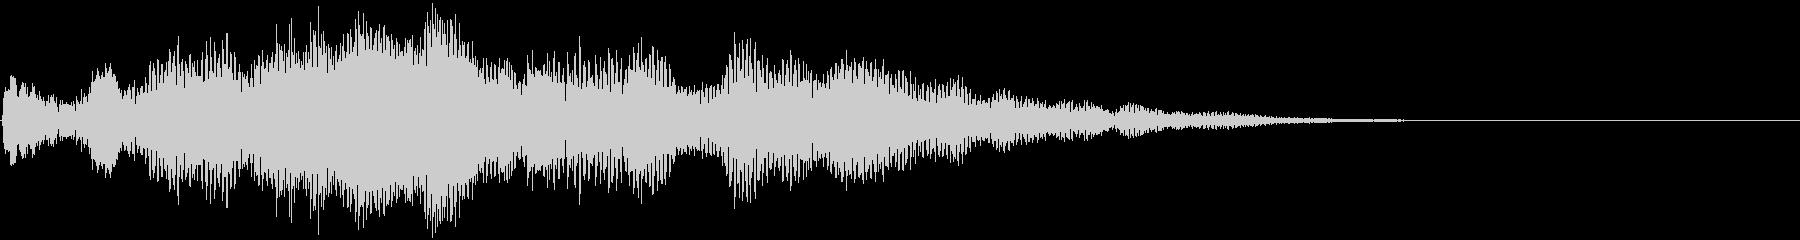 女性ボーカルの神秘的なジングル2の未再生の波形